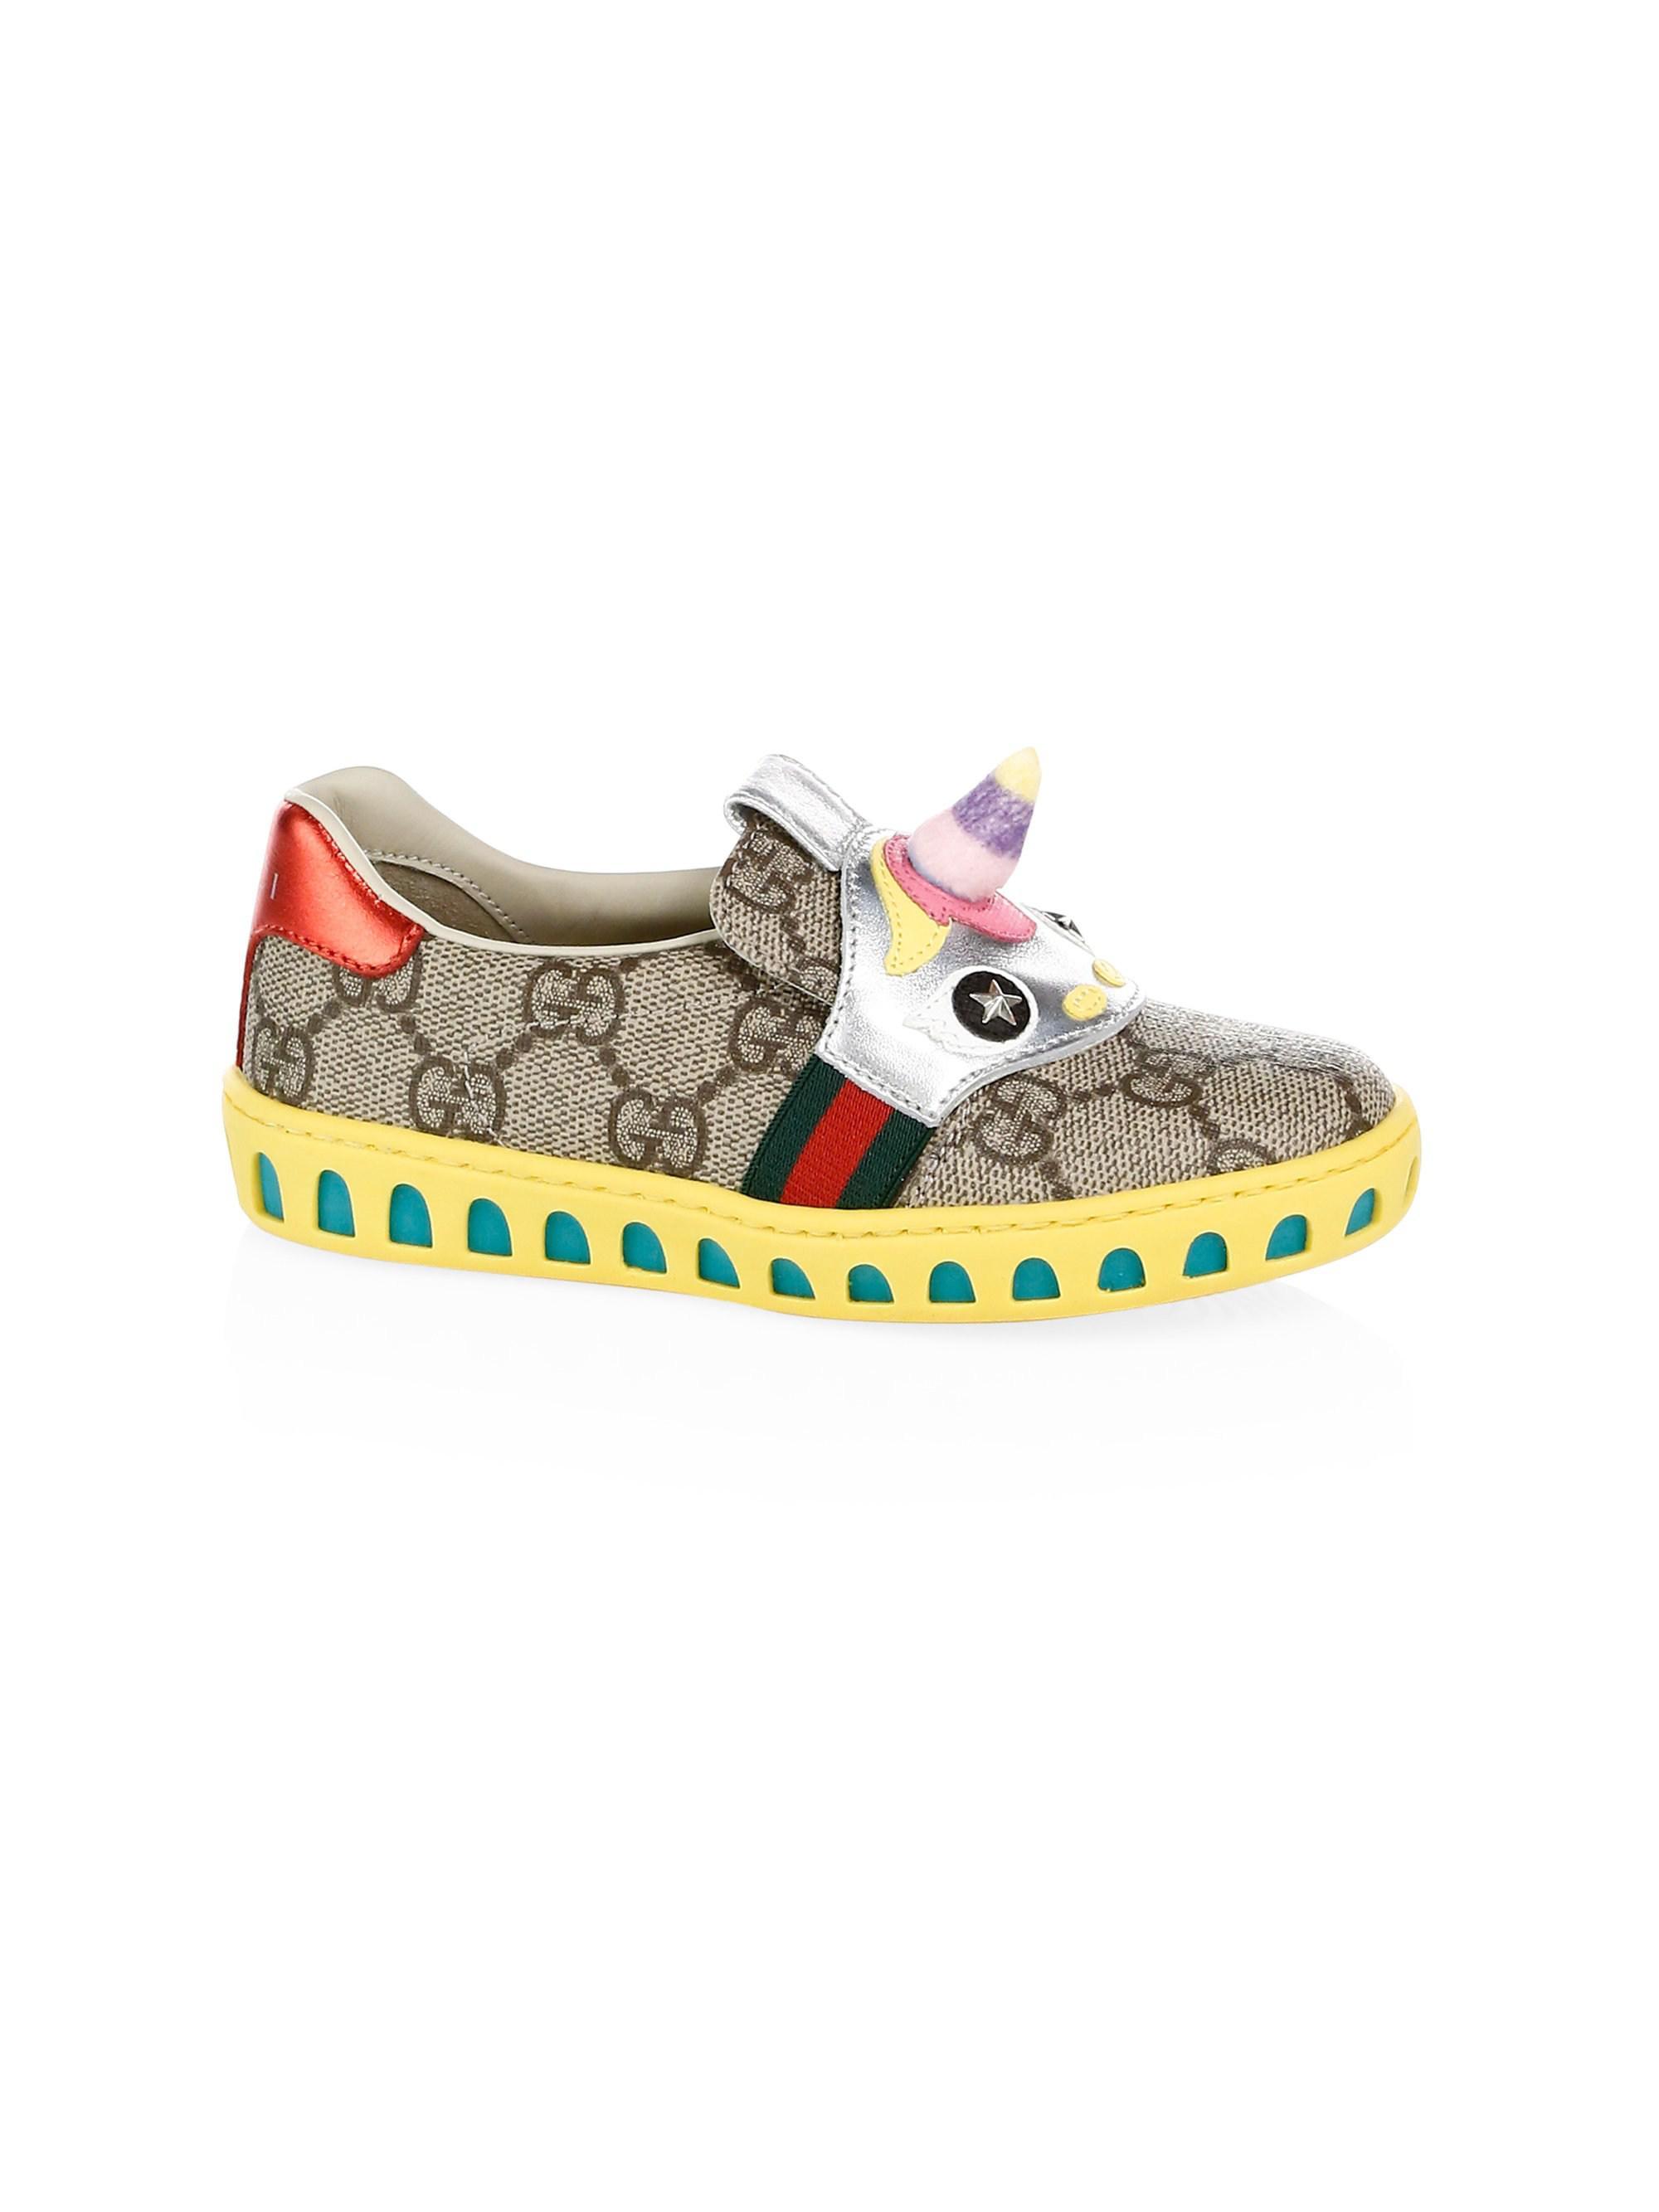 99a43f8e1 Gucci Girl's GG Supreme Canvas Unicorn Sneakers in Blue - Lyst